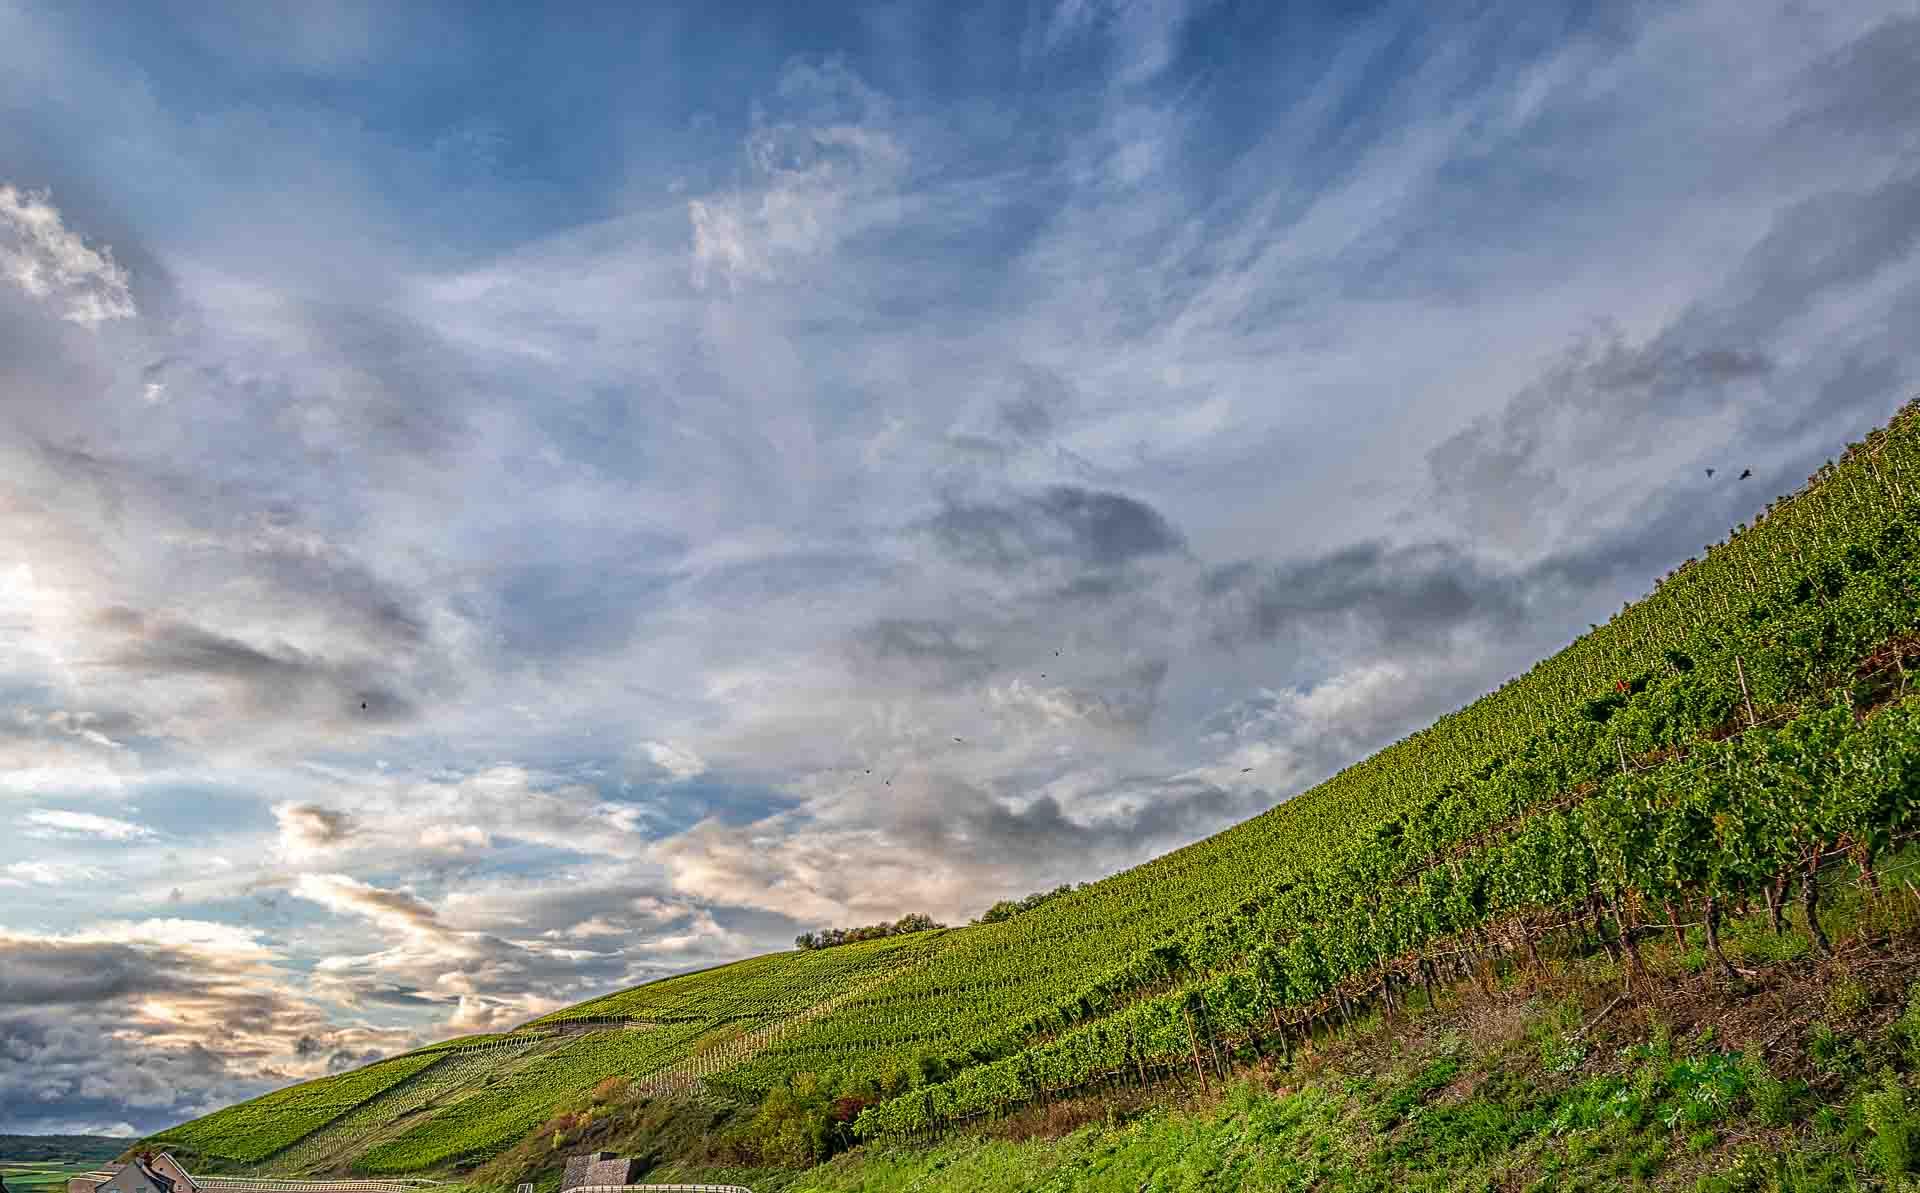 Vorne erkennt man den steiler Weinberg Neuenahrer Sonnenberg unter dem Abendhimmel mit Wolken oben. Es befinden sich Häuser des Ortes Ahrweiler unten links.